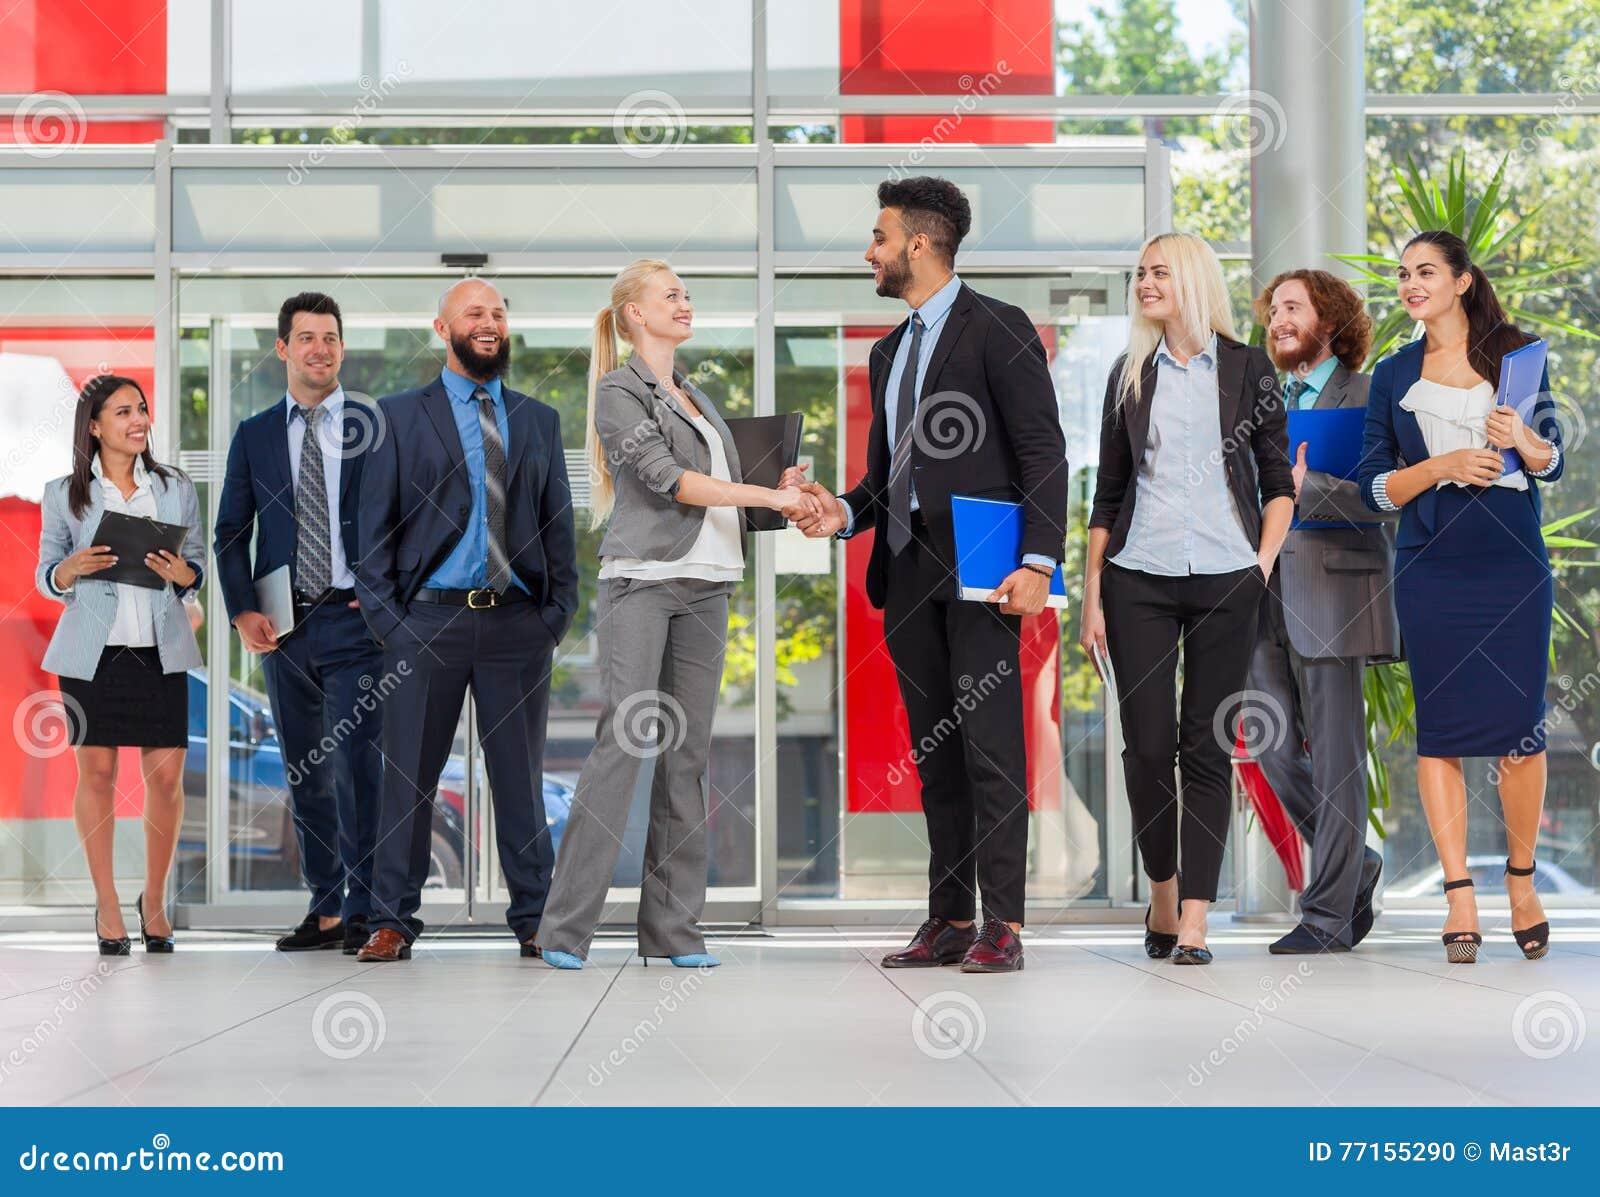 Gens d affaires de groupe de patron de bureau moderne de Hand Shake In, hommes d affaires Team Handshake Sign Up Contract